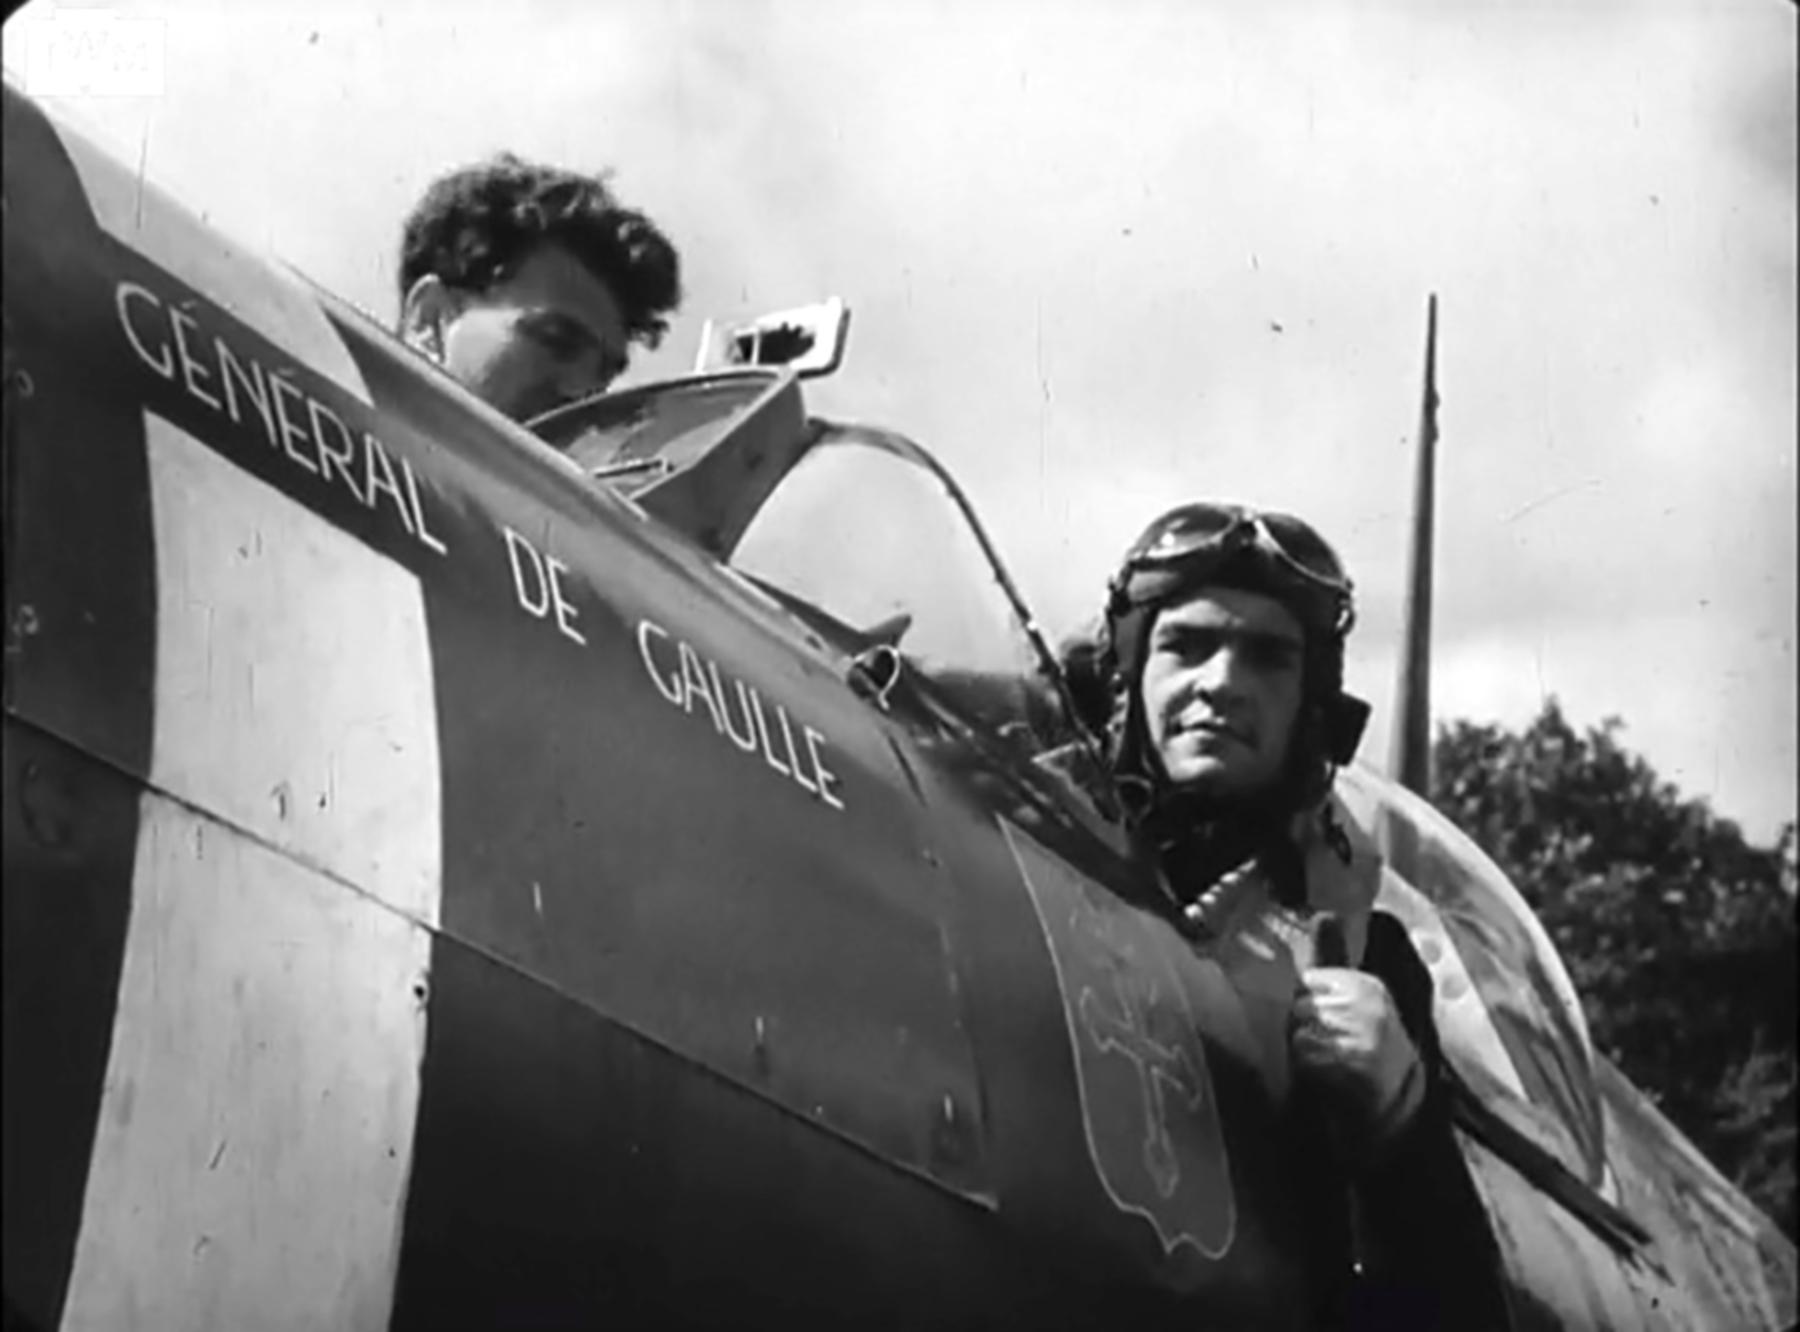 Spitfire MkVb RAF 340Sqn GWY Marcel Albert Westhampnett Chichester 6th July 1942 IWM 02